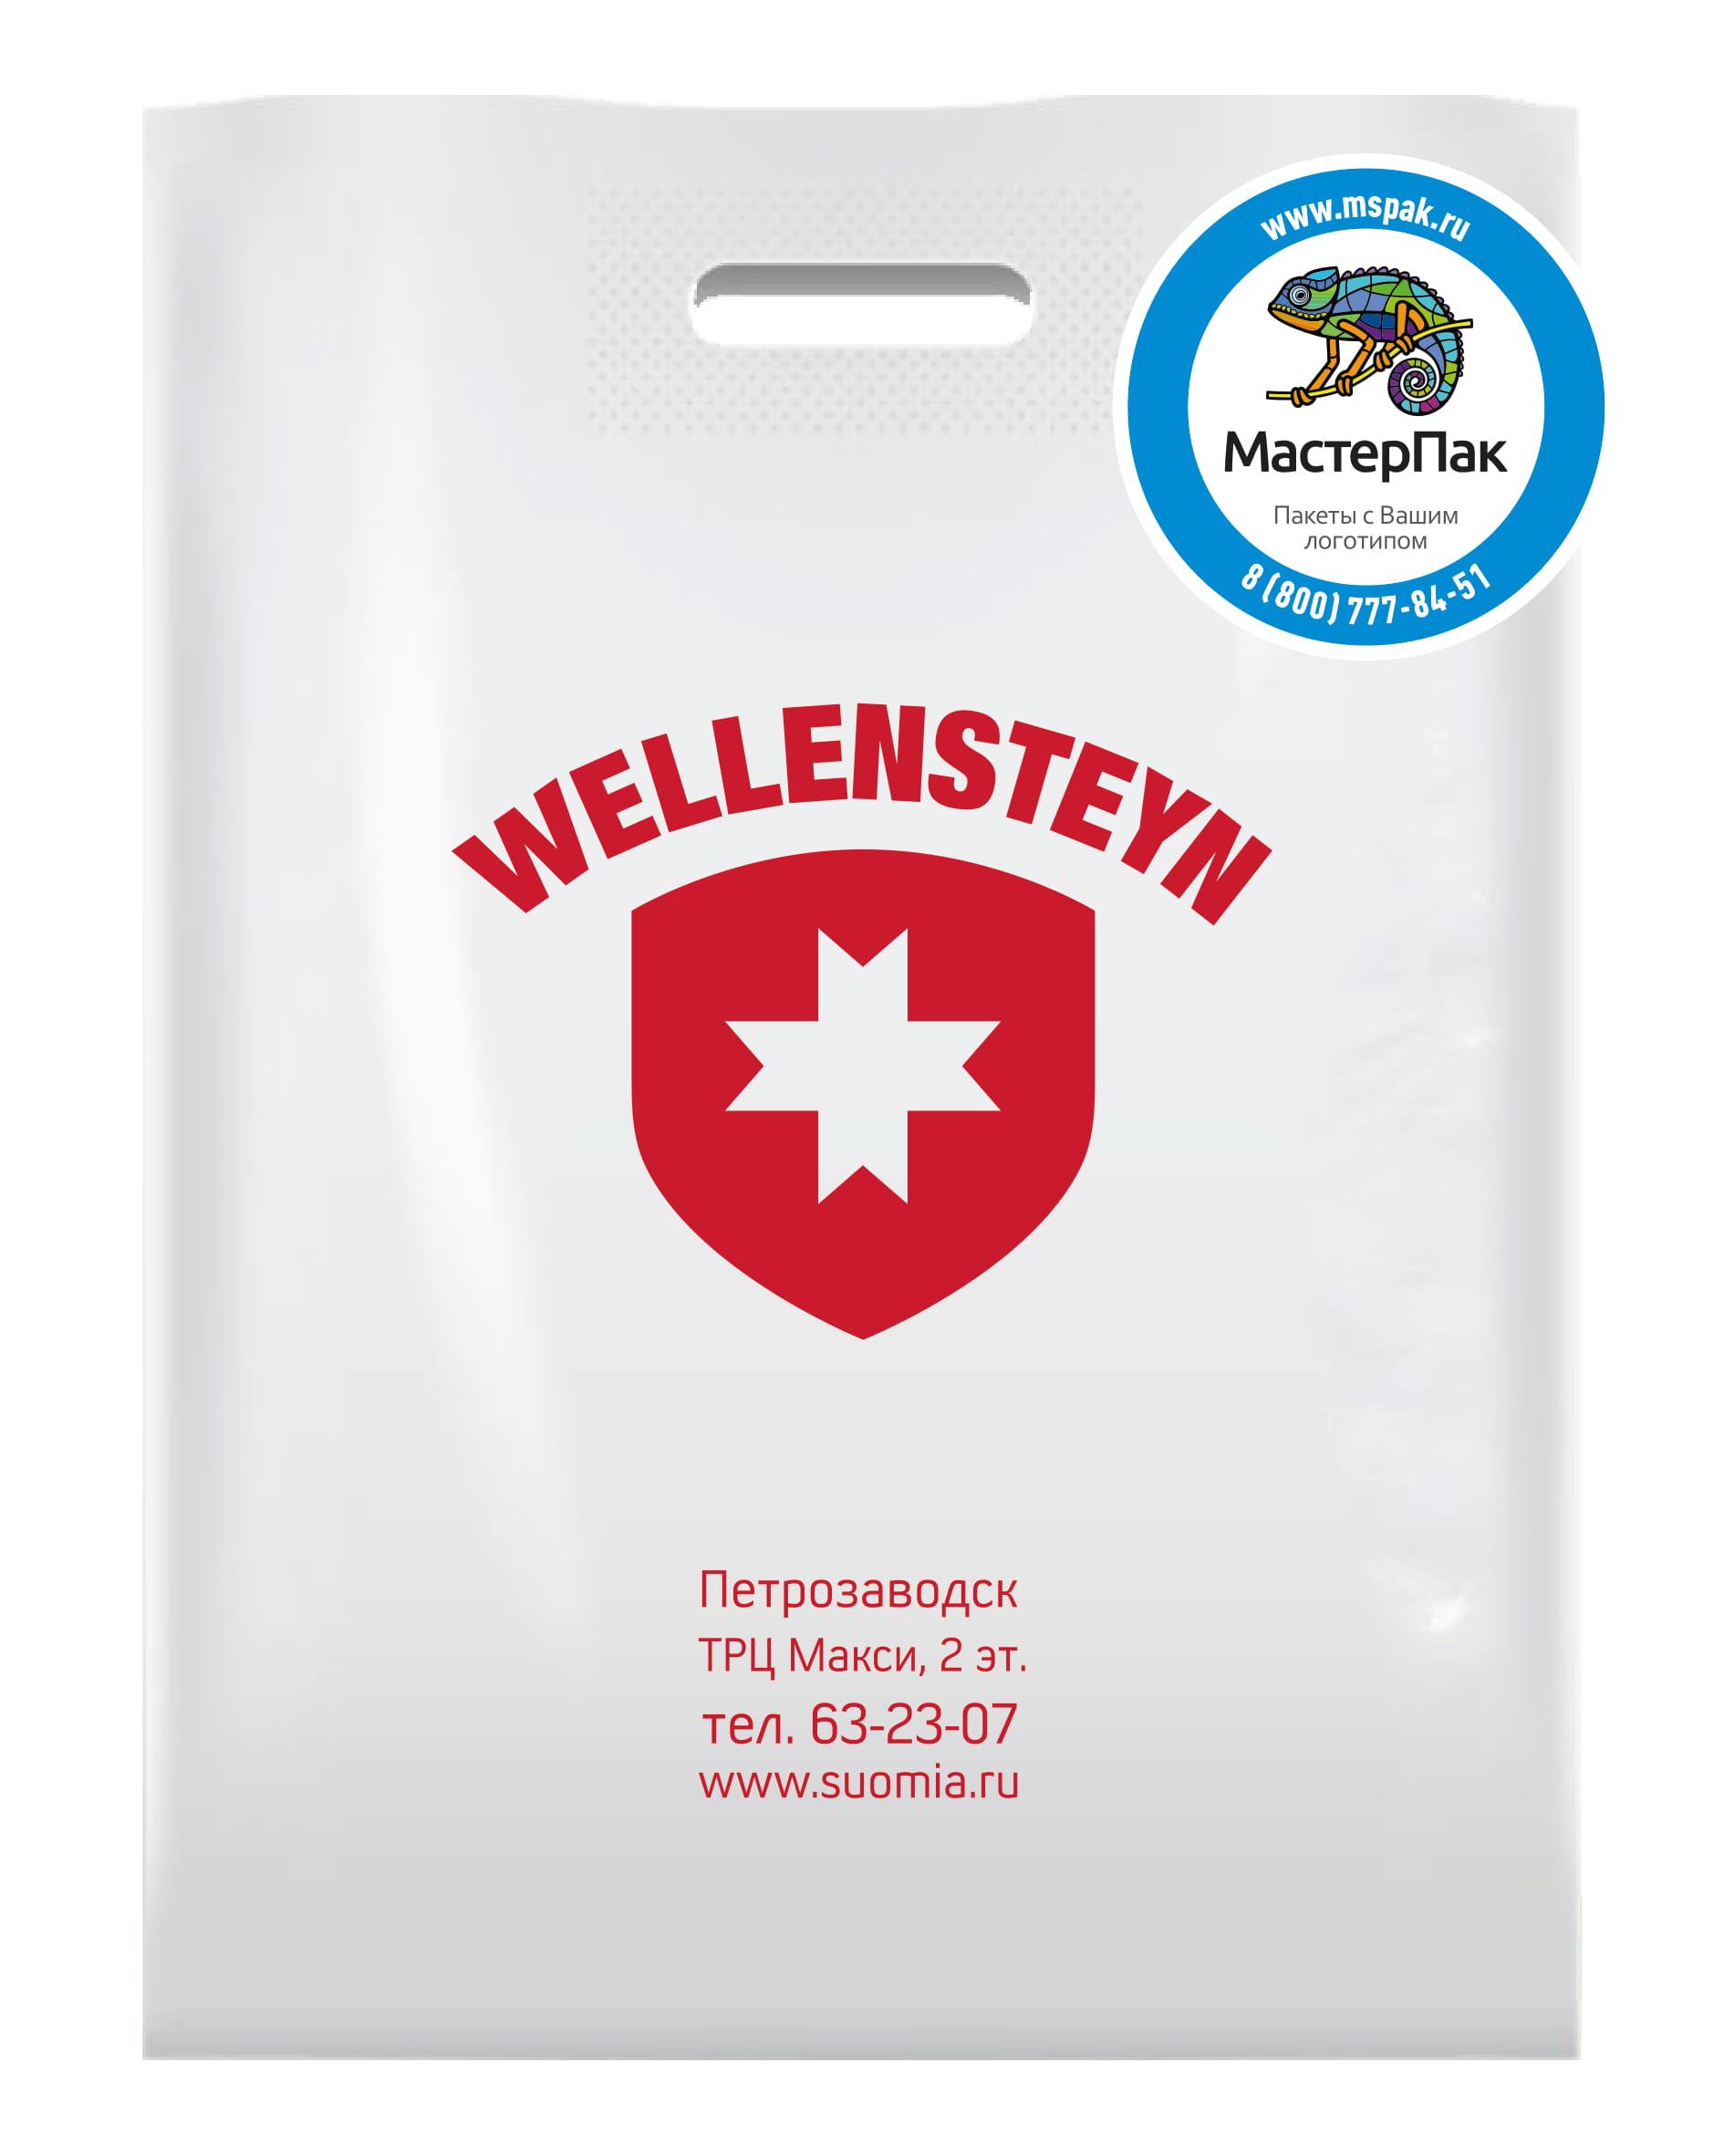 Пакет ПВД с логотипом магазина Wellenstayn, Петрозаводск, 70 мкм, 30*40